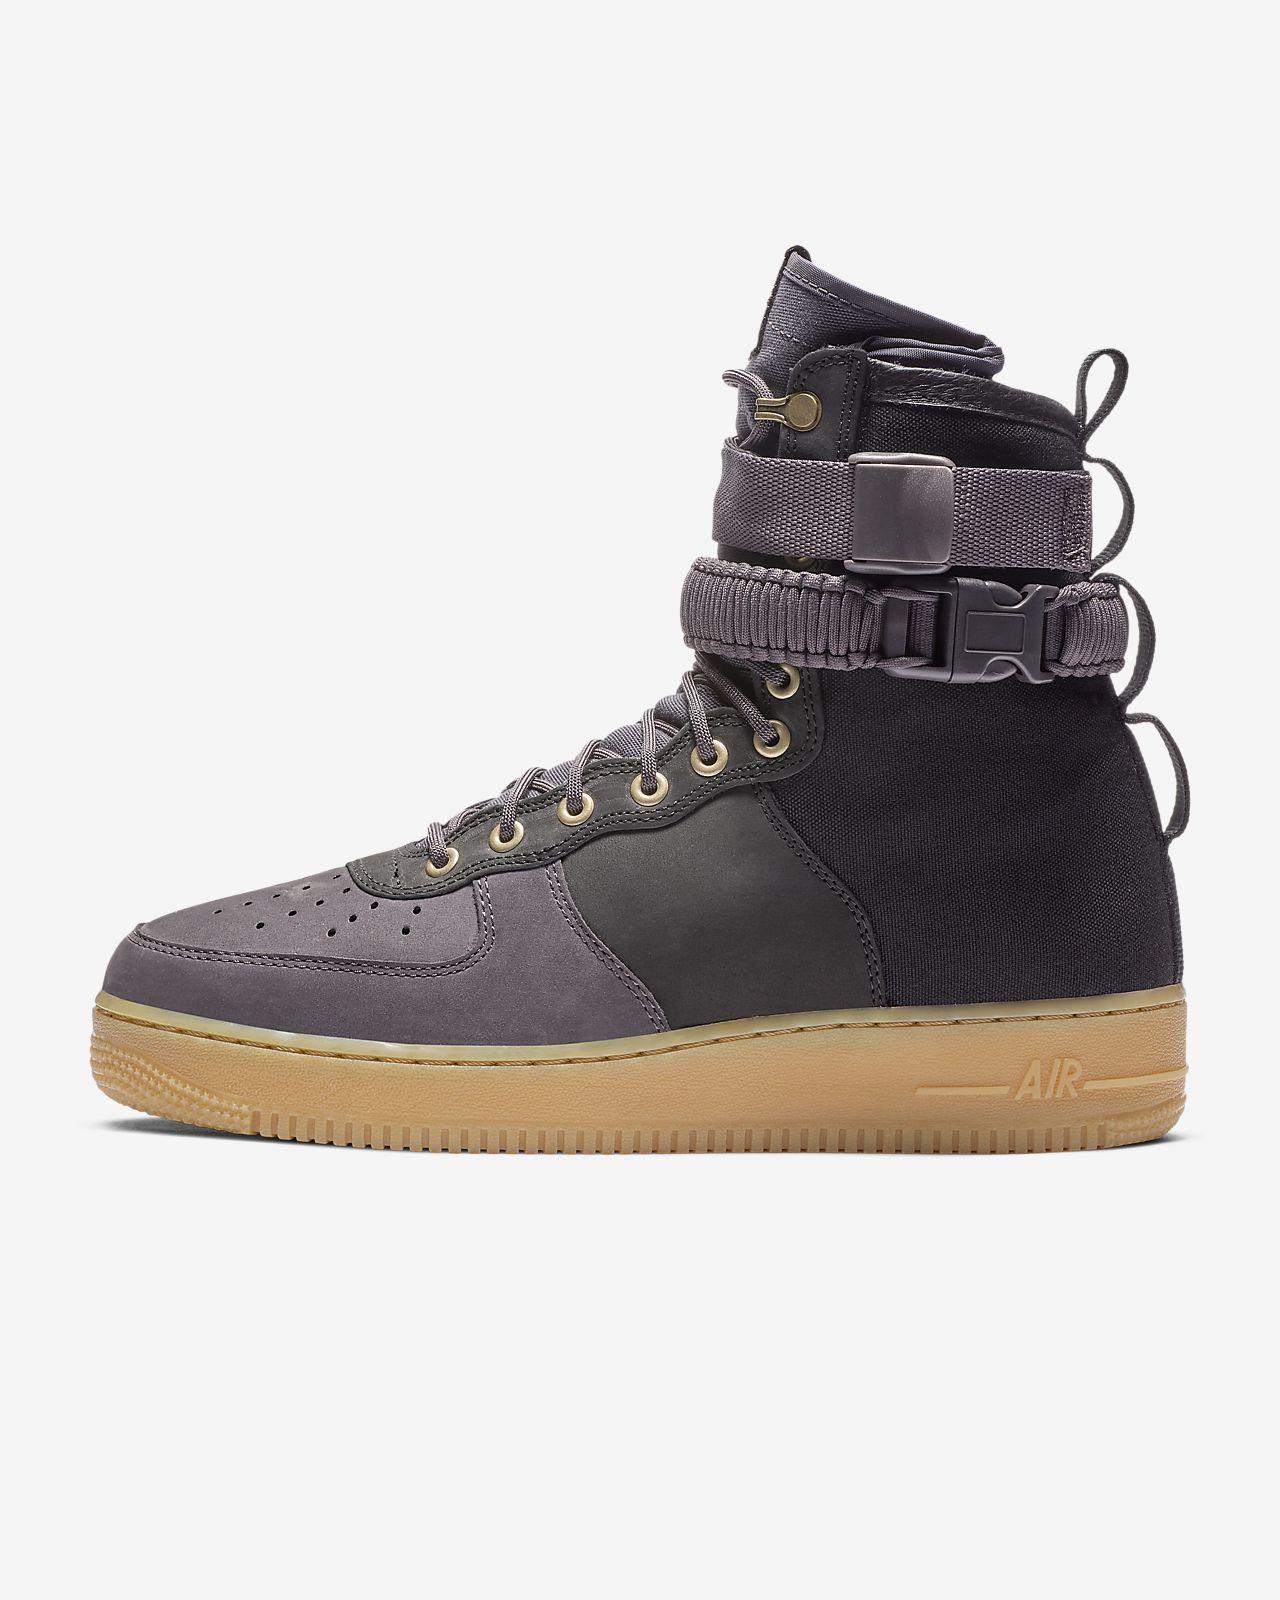 Pour Homme Chaussure Force Nike 1 Sf Premium Air bgv6f7Yy